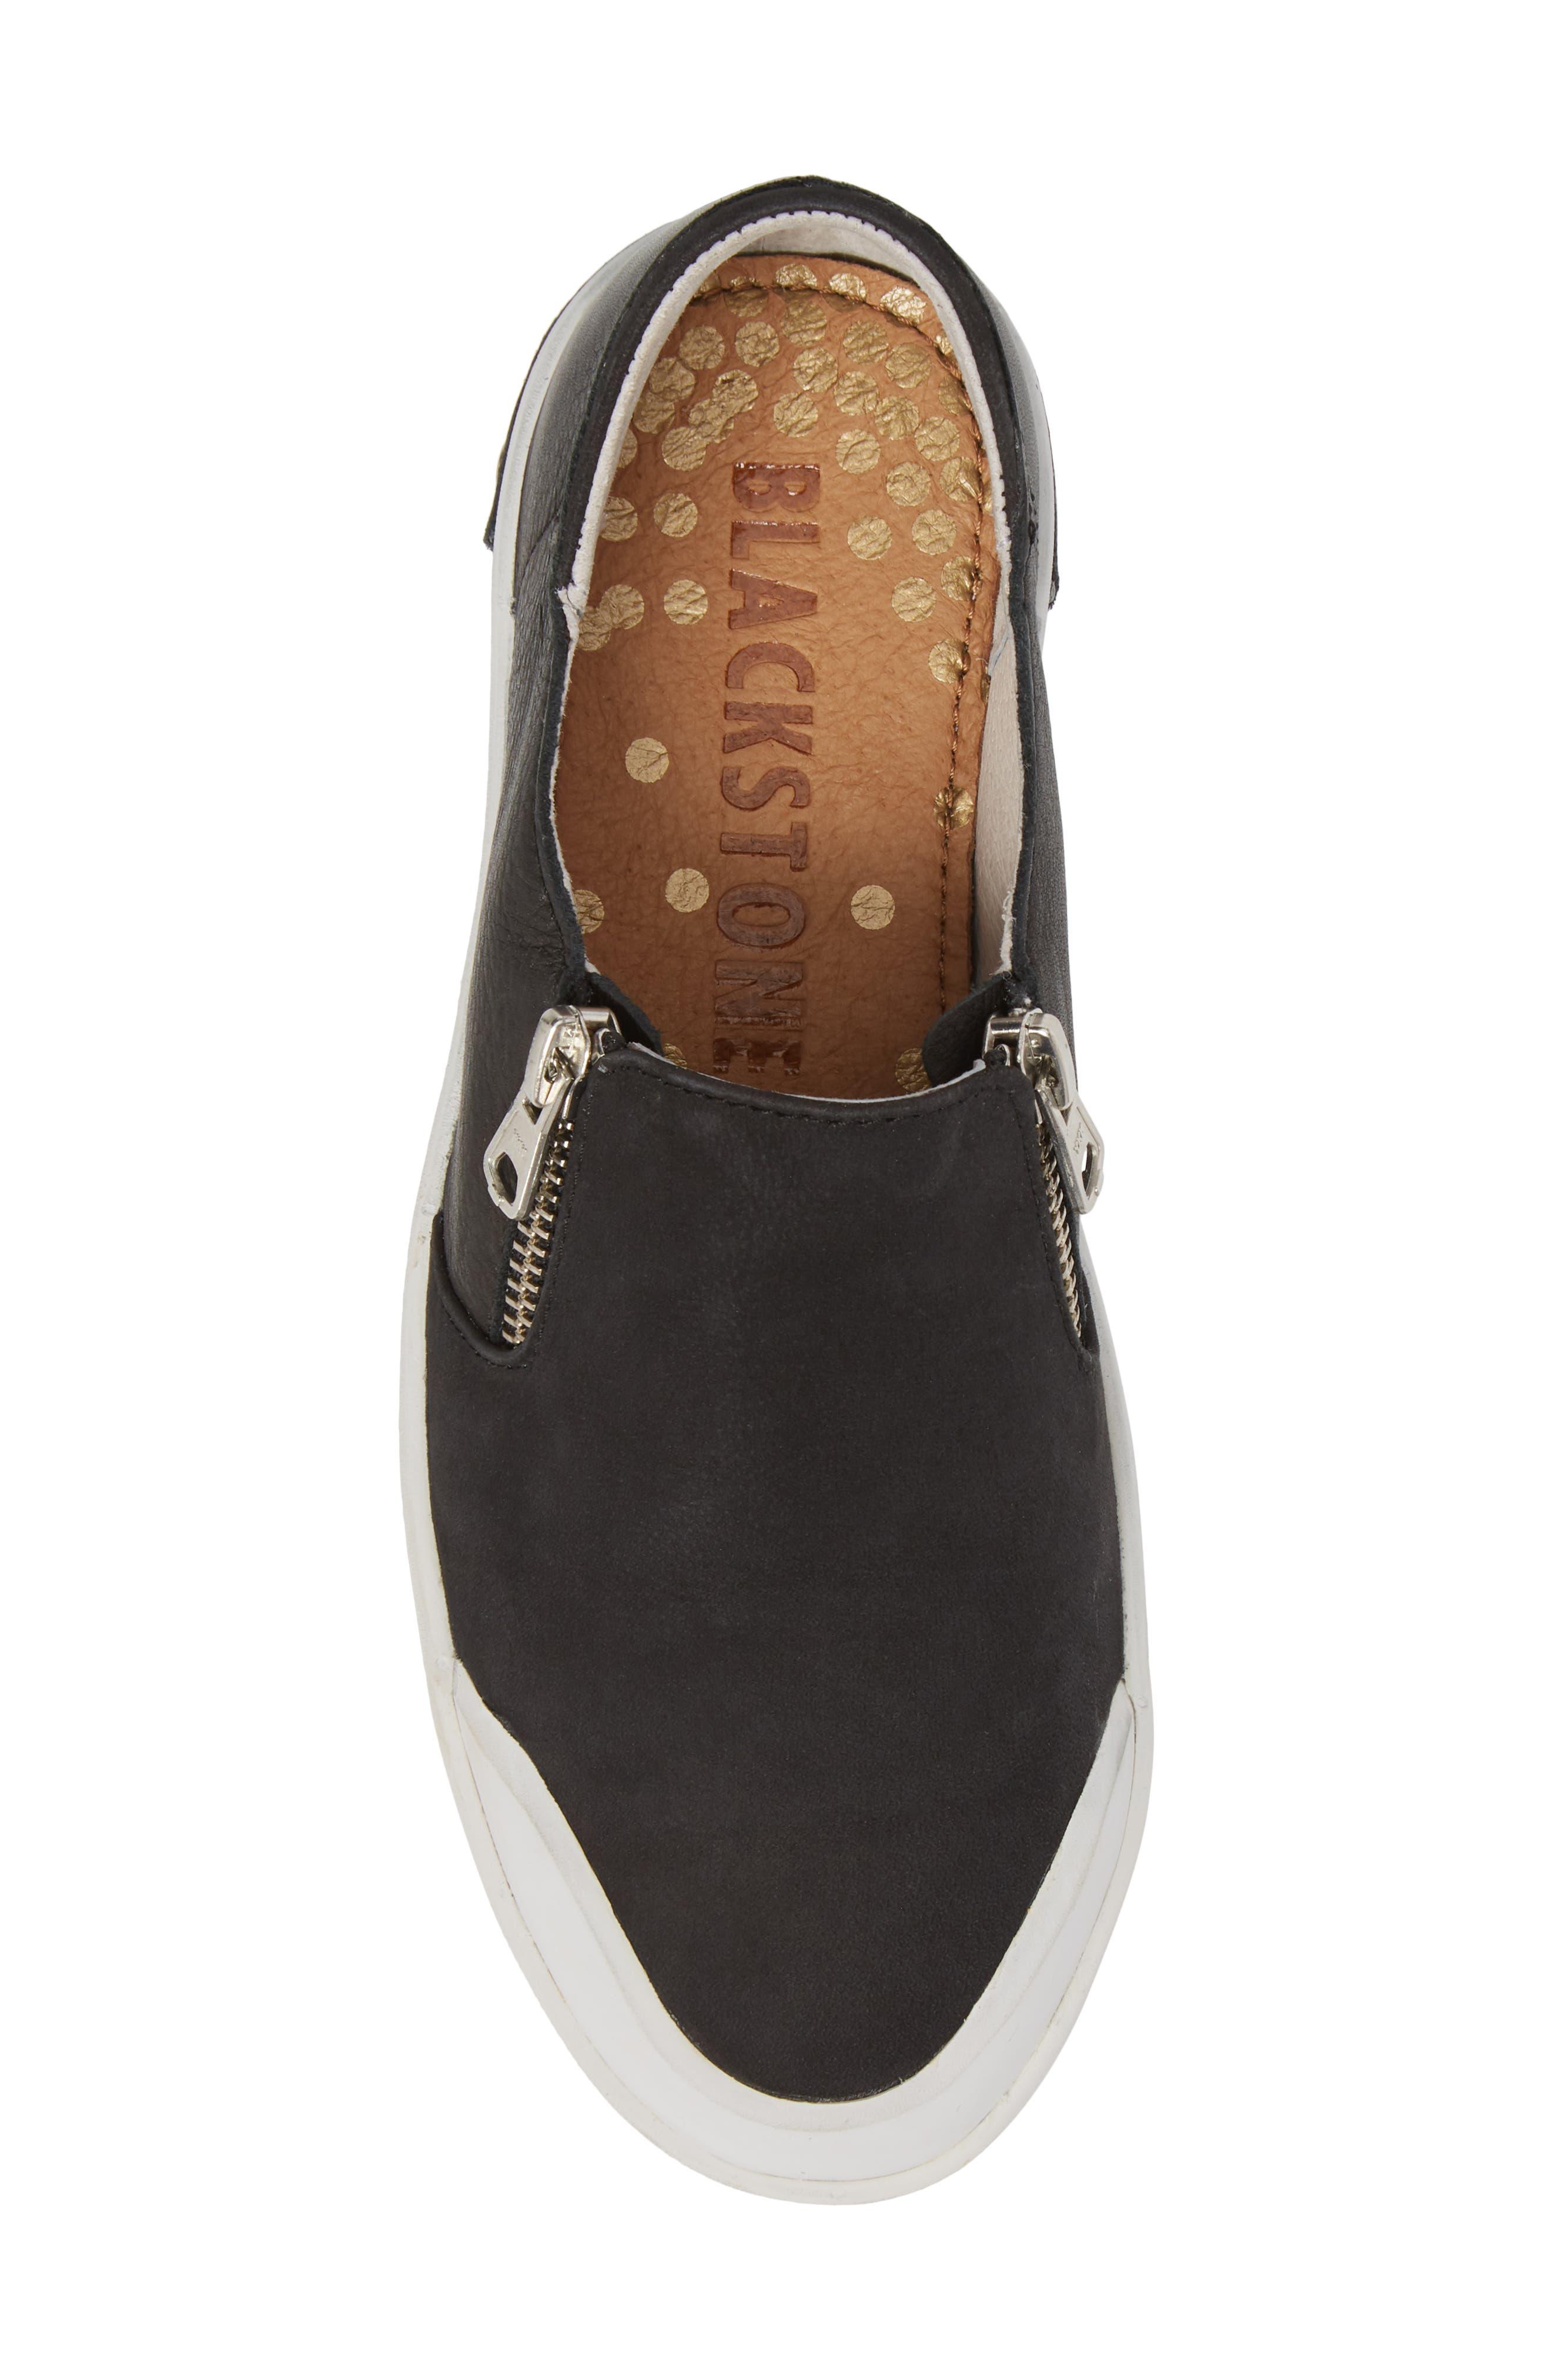 PL82 Slip-On Sneaker,                             Alternate thumbnail 5, color,                             BLACK LEATHER